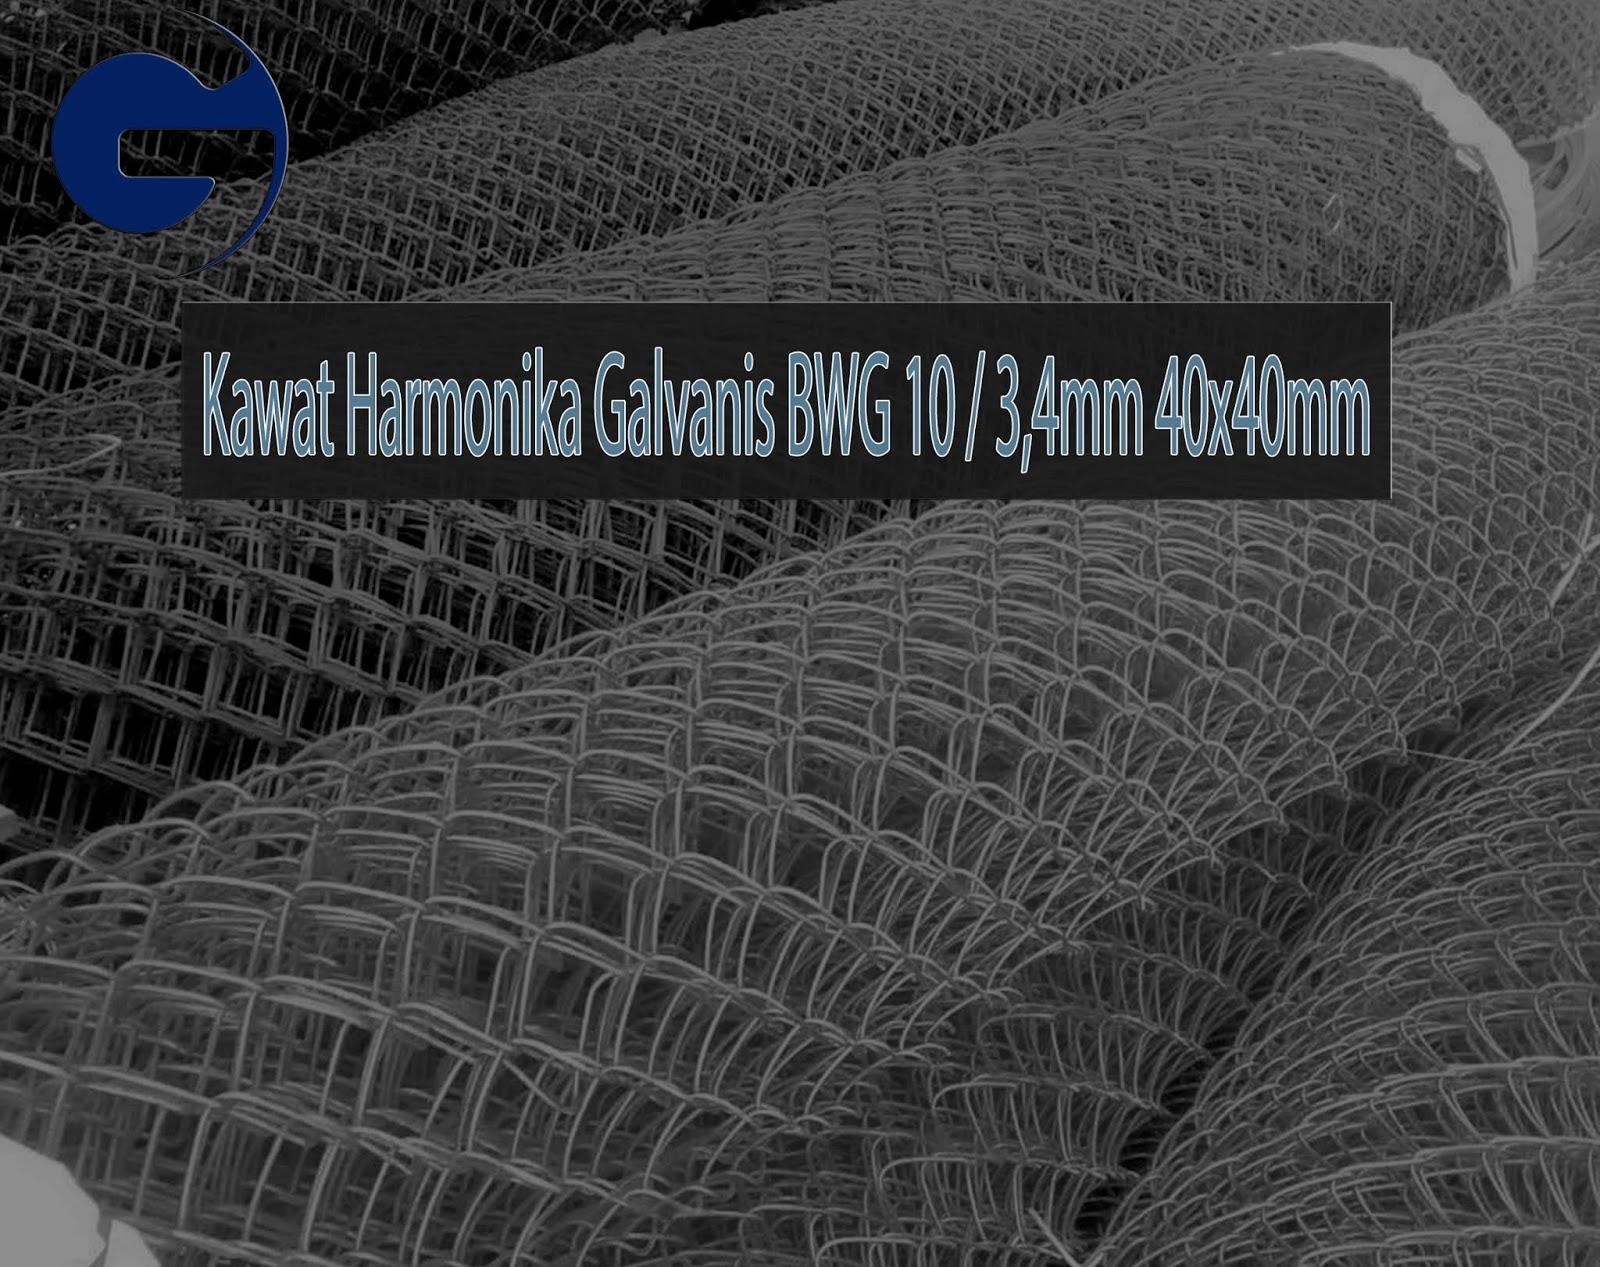 Jual Kawat Harmonika Galvanis SNI BWG 10/3,4mm 40x40mm